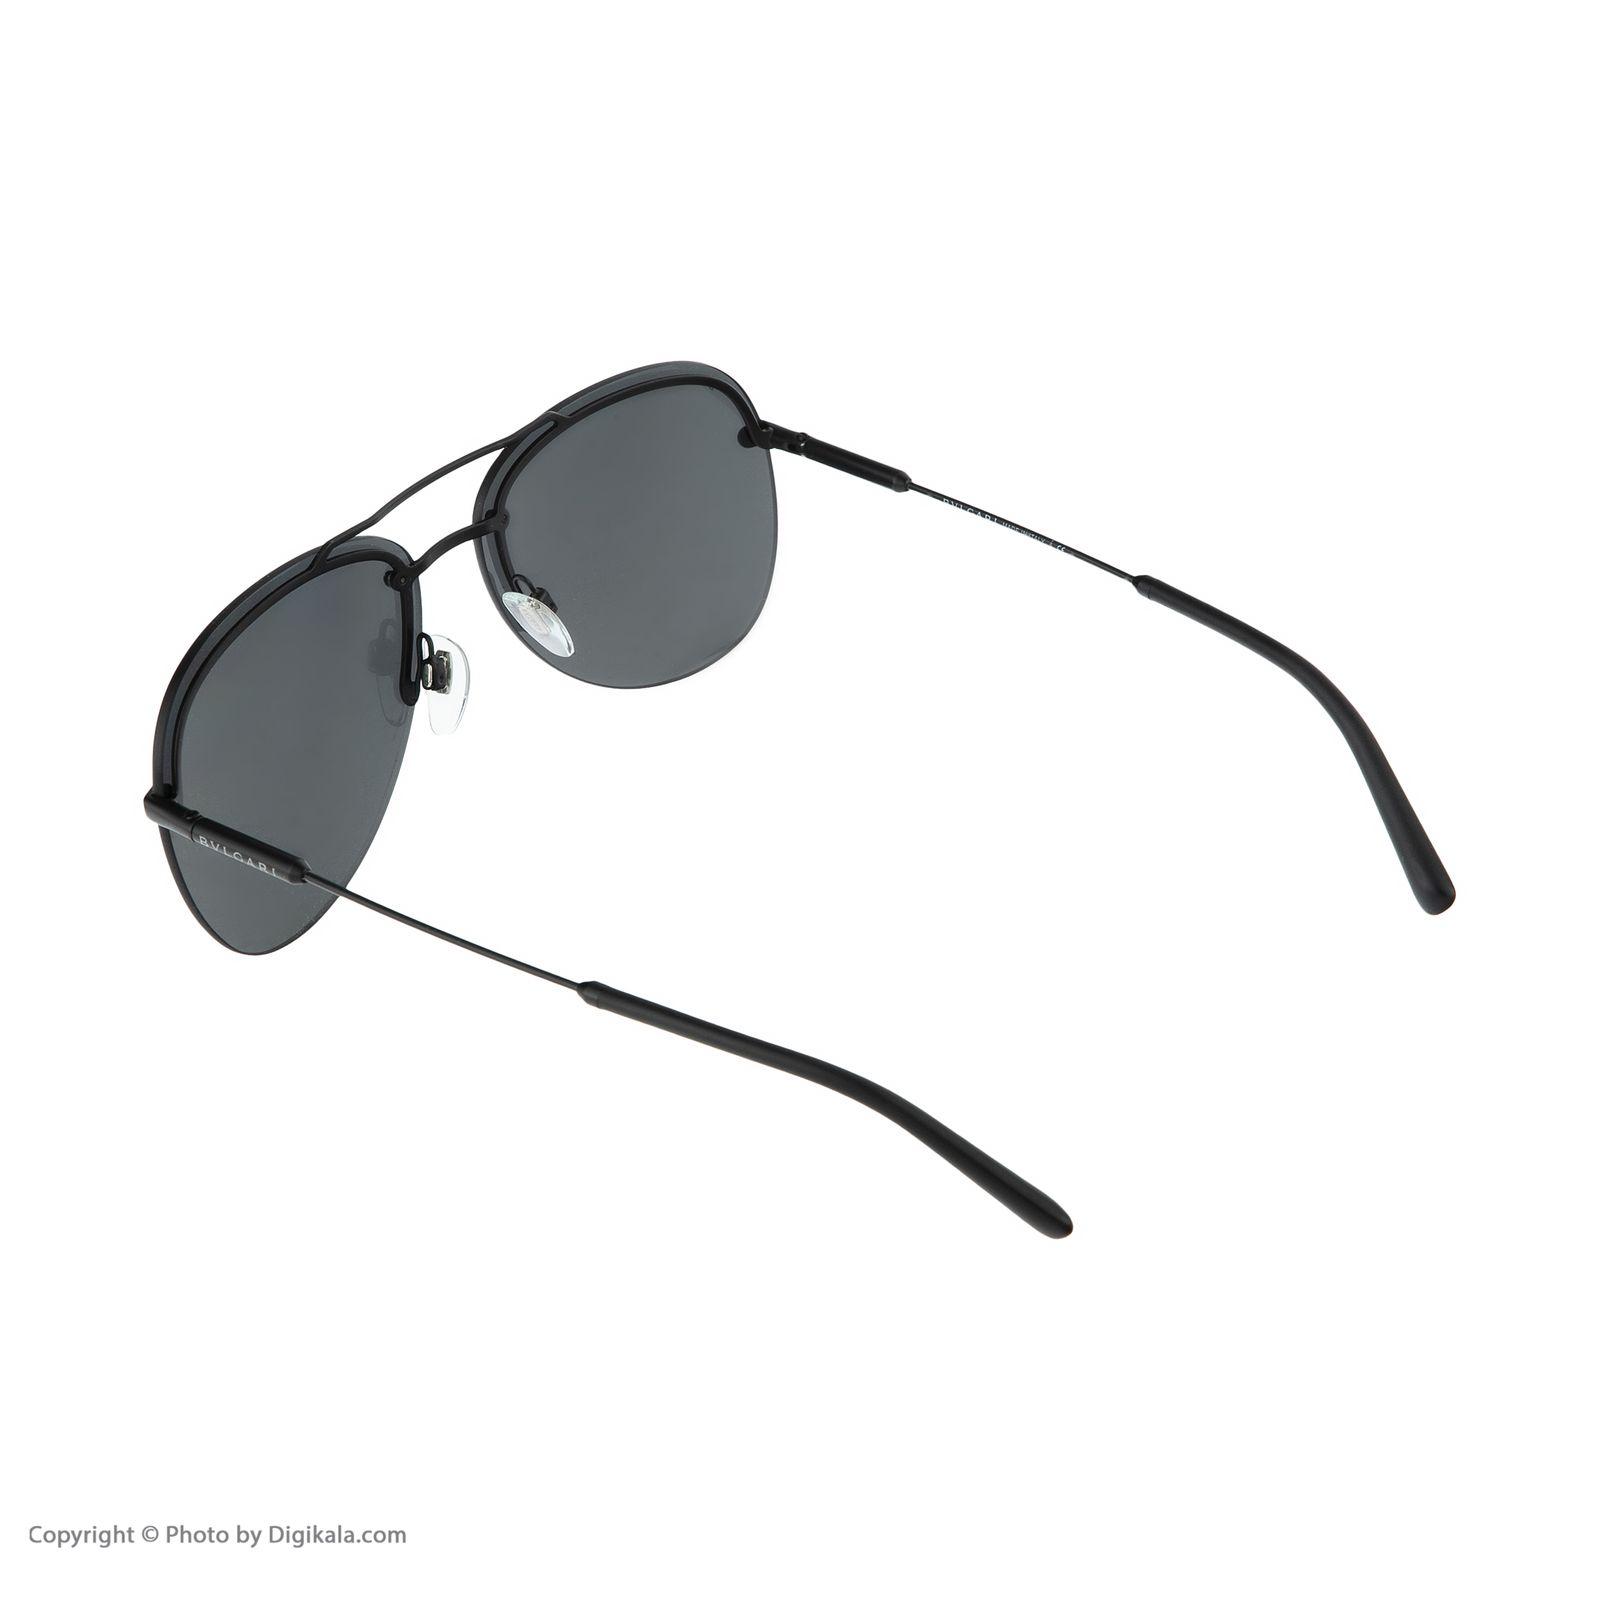 عینک آفتابی مردانه بولگاری مدل BV5044S 12887 -  - 5